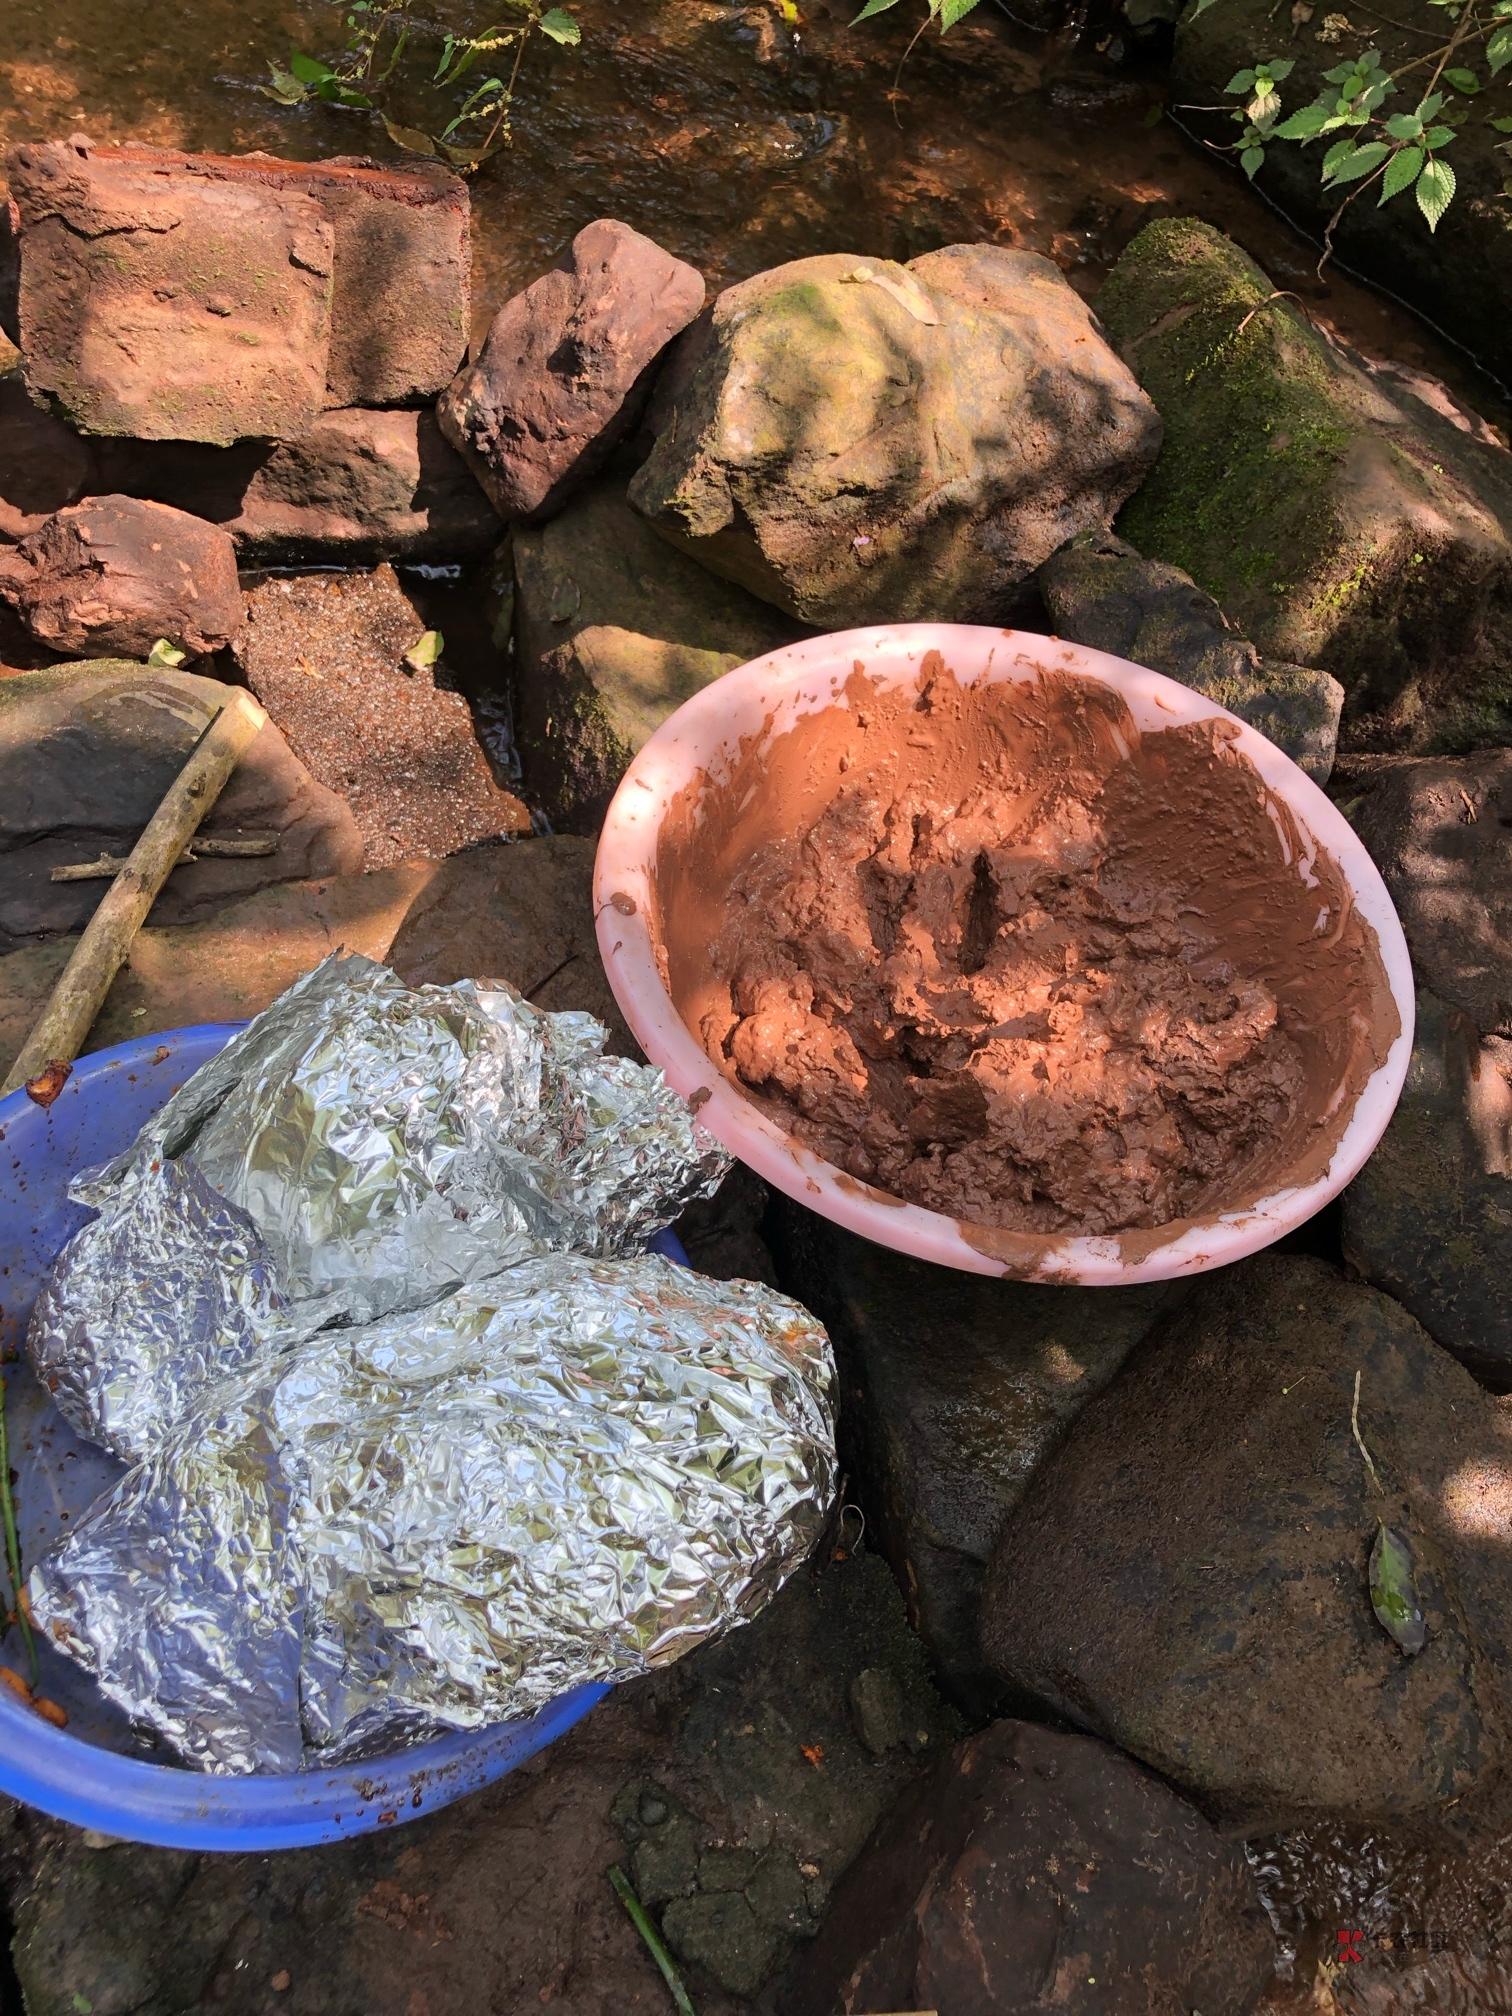 昨天跟两个朋友一起去野炊了,结果泥巴不够,懒得和,直接烧,糊了一只。但另外一只特67 / 作者:霜雪千年 /